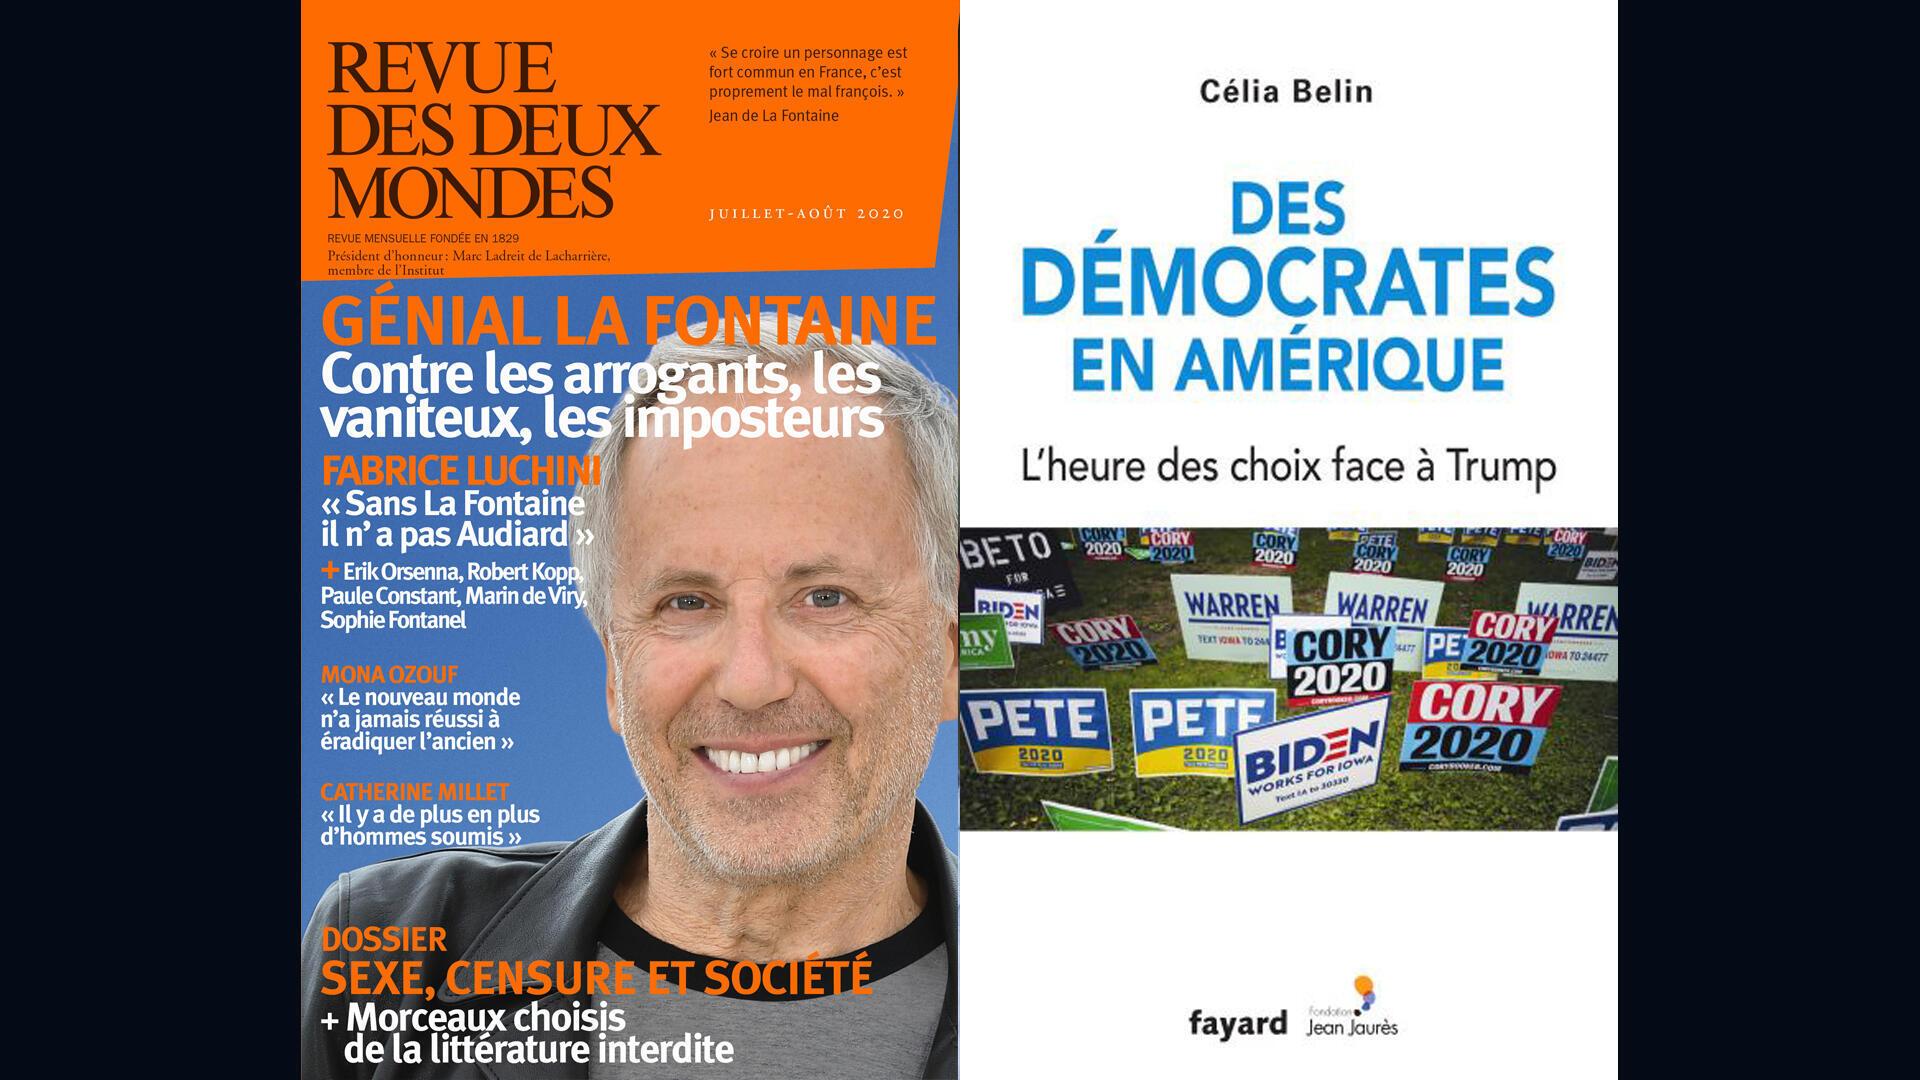 Couvertures de «Revue des deux mondes», numéro de juillet août 2020 et «Des démocrates en Amérique, l'heure des choix face à Trump», de Célia Belin.